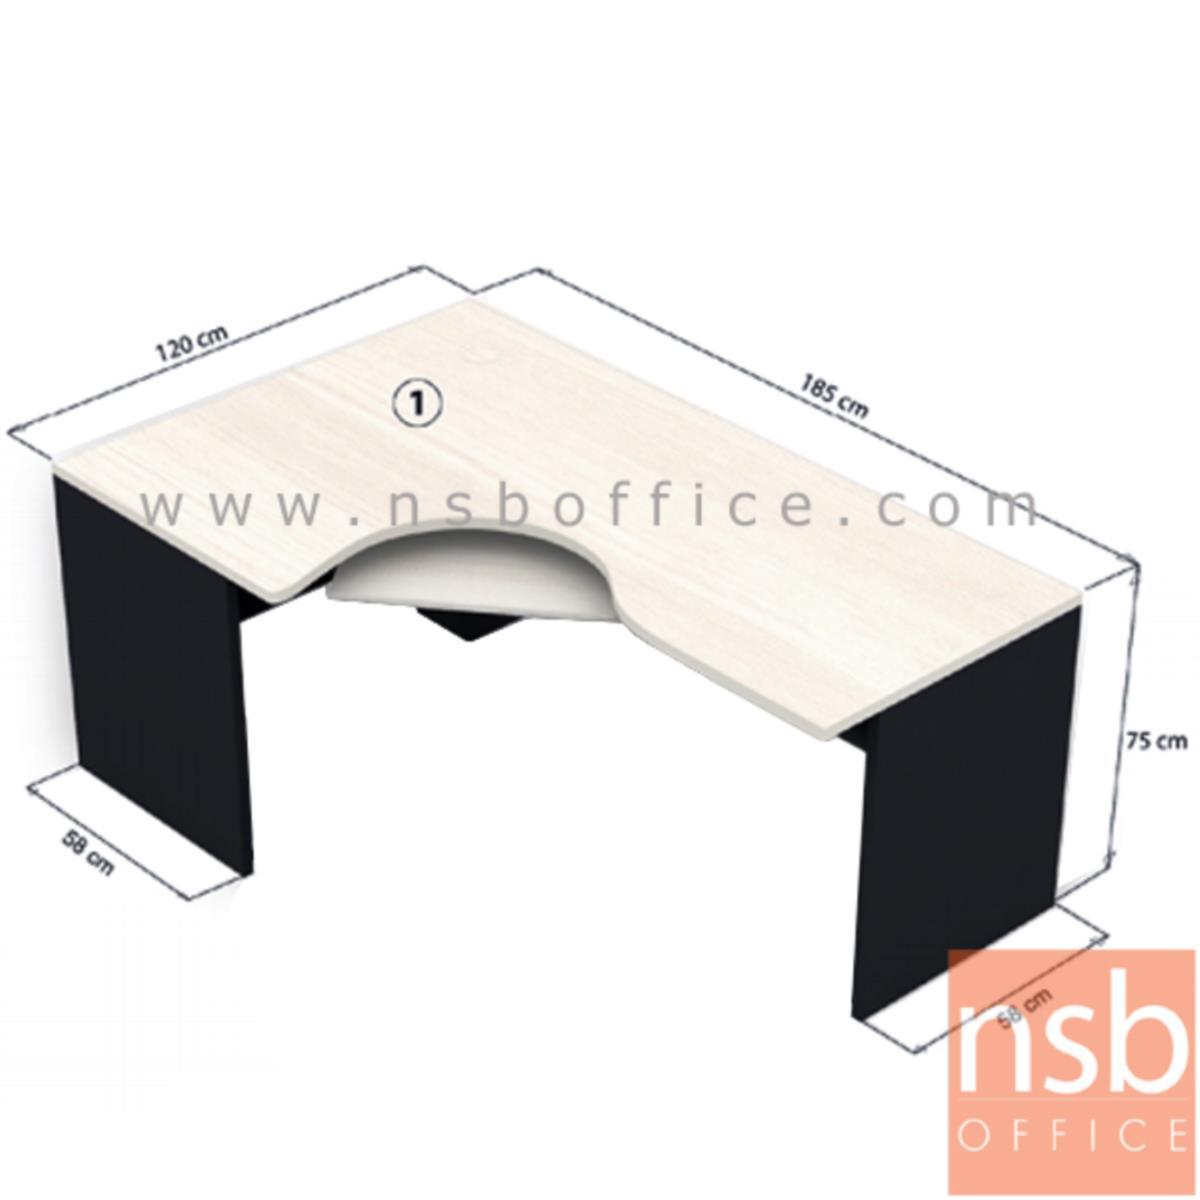 A12A025:โต๊ะผู้บริหารตัวแอลหน้าโค้งเว้า  รุ่น Shelby 5 ขนาด 185W1*120W2 cm.  พร้อมคีย์บอร์ด